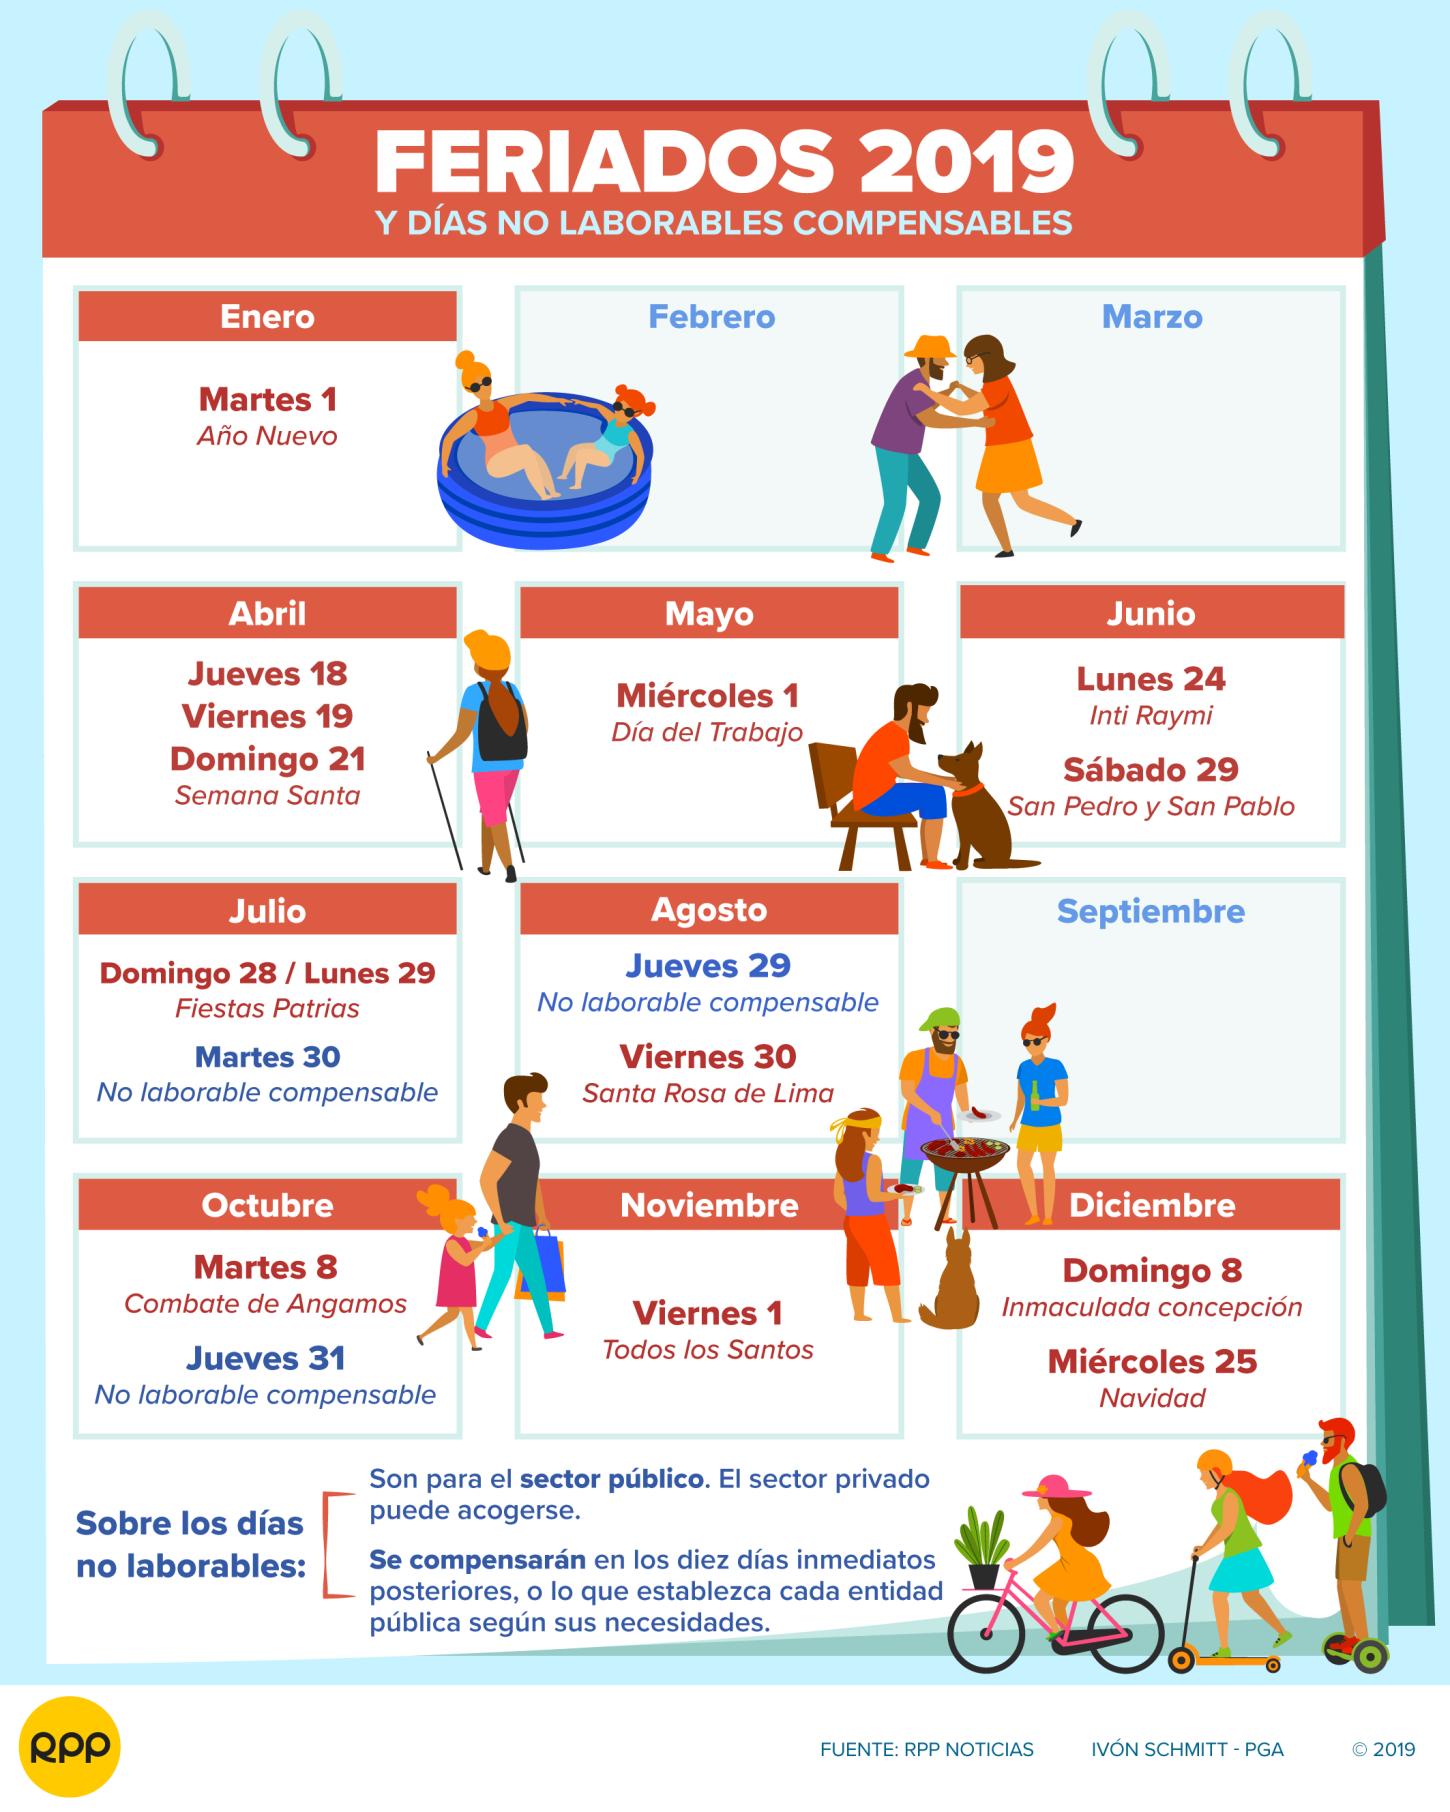 Calendario Agosto 2019 Con Feriados.Feriados 2019 Dias No Laborables Del Ano En Peru Semana